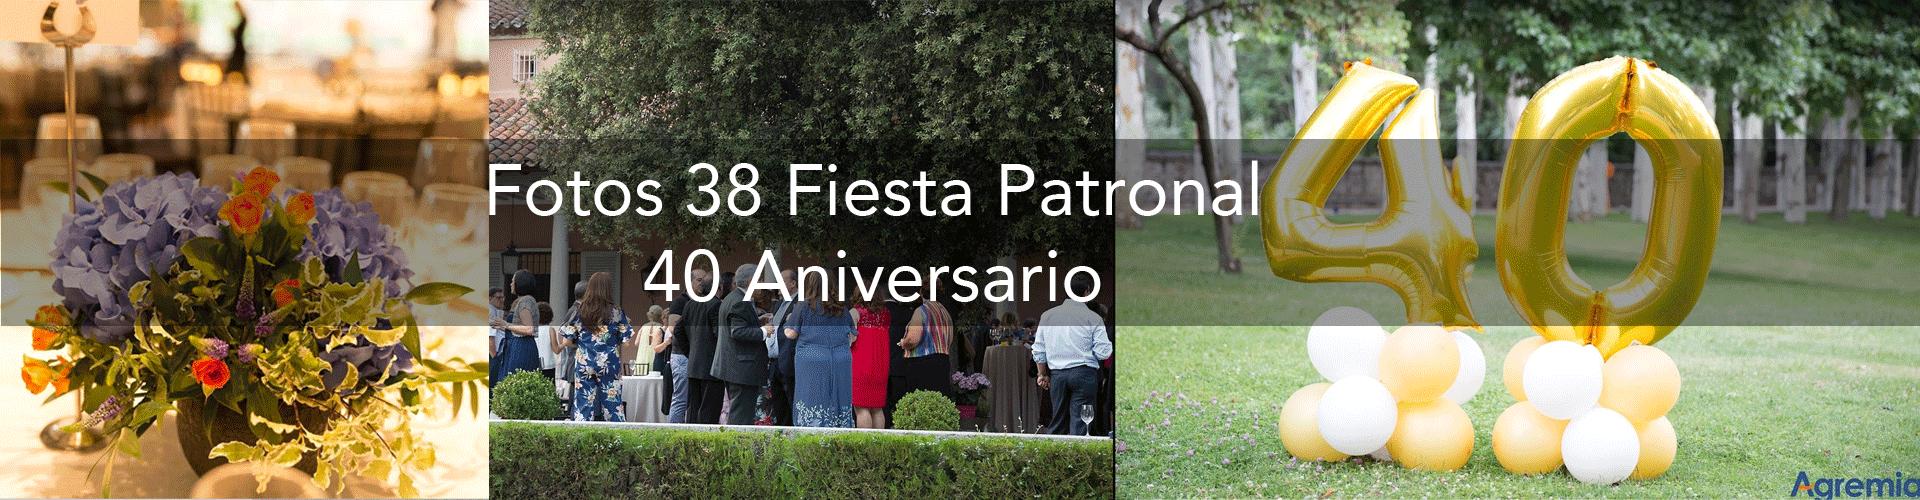 banner-fotos-fiesta-patronal